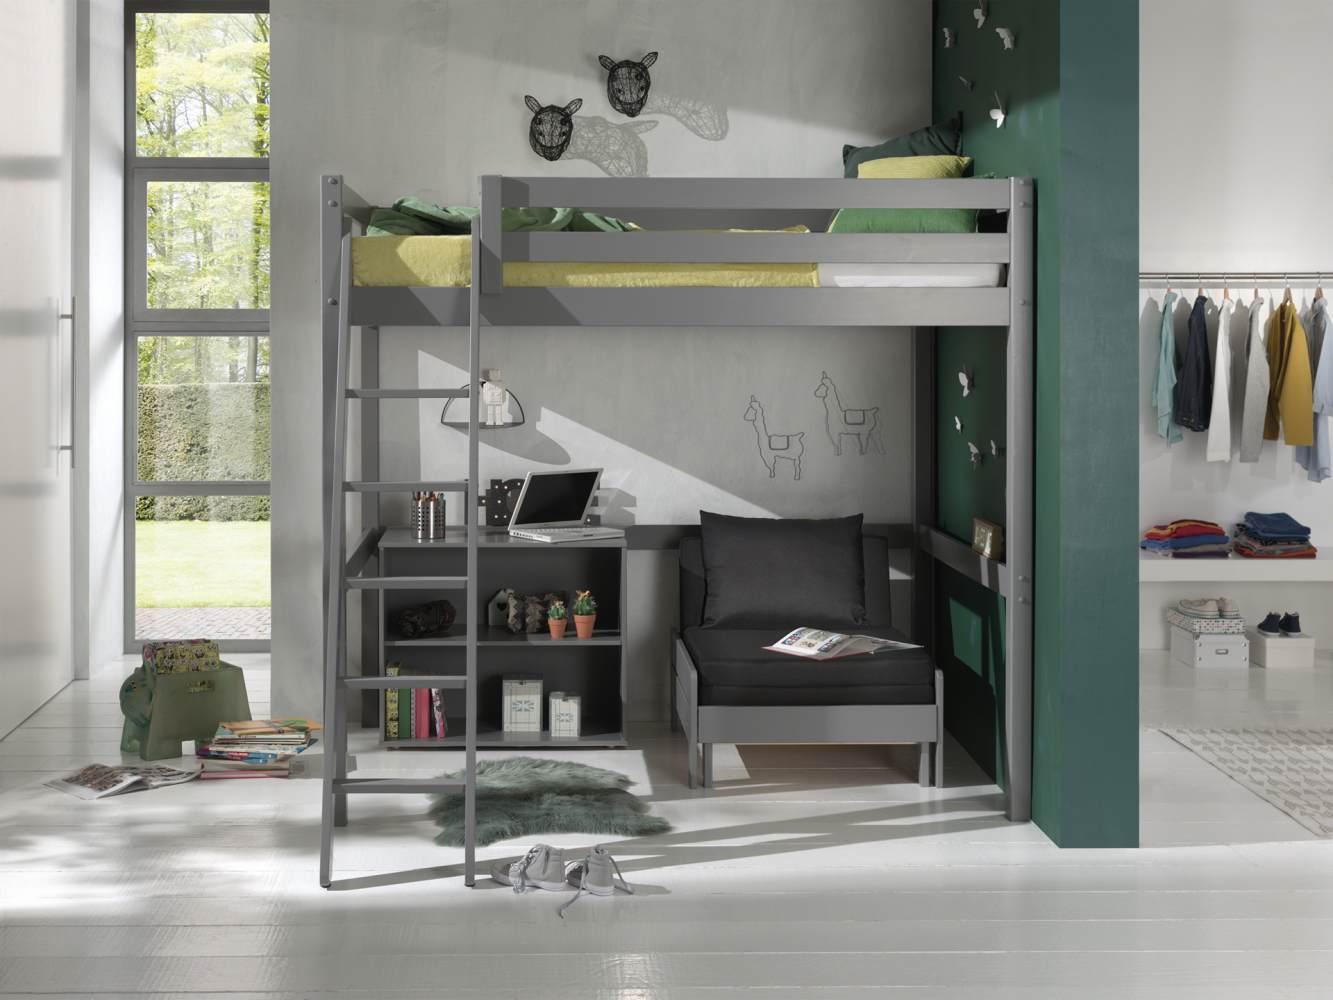 Vipack Hochbett 140 x 200 cm inkl. Sesselbett und Regal mit zwei Fächern, grau Bild 1